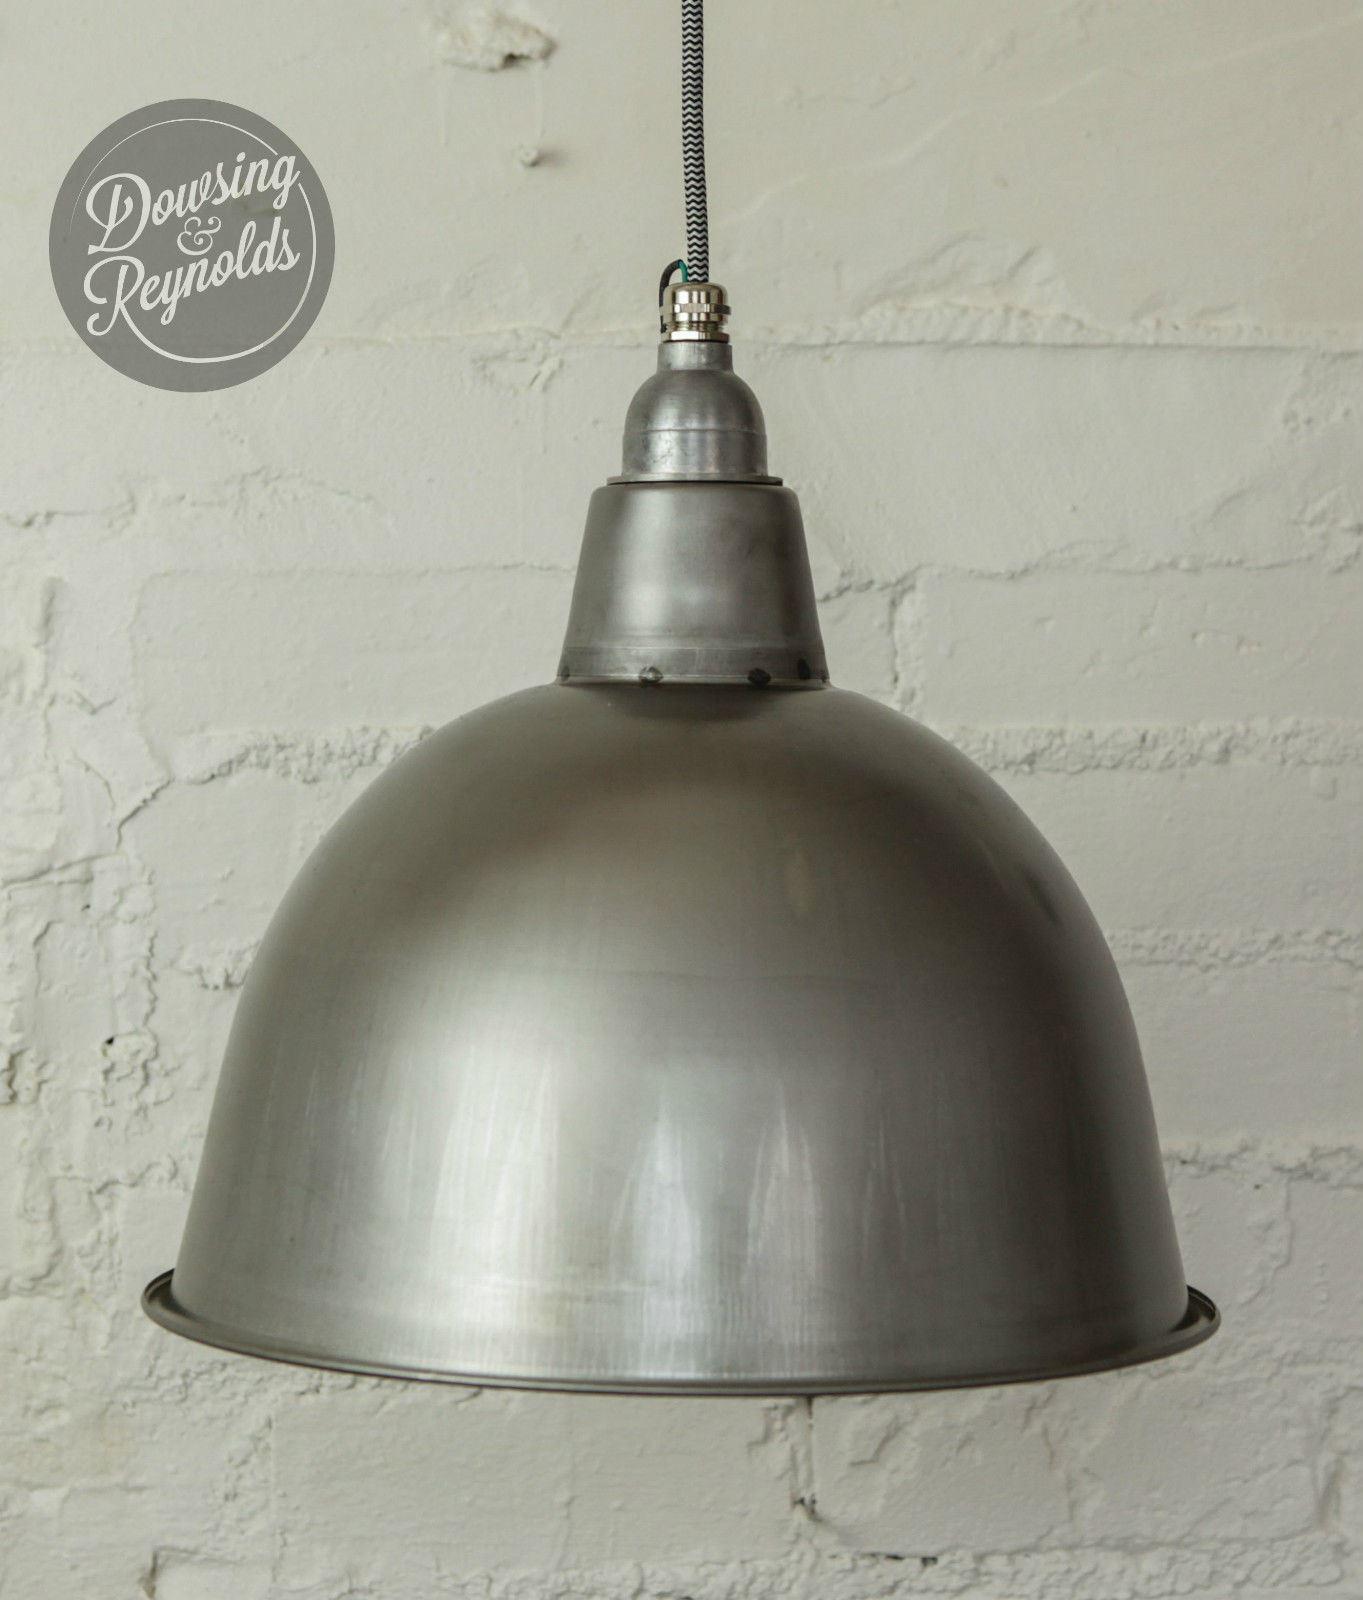 lampadari industriali vintage : Lampade Industriali Vintage : Lampade industriali vintage smaltate ...